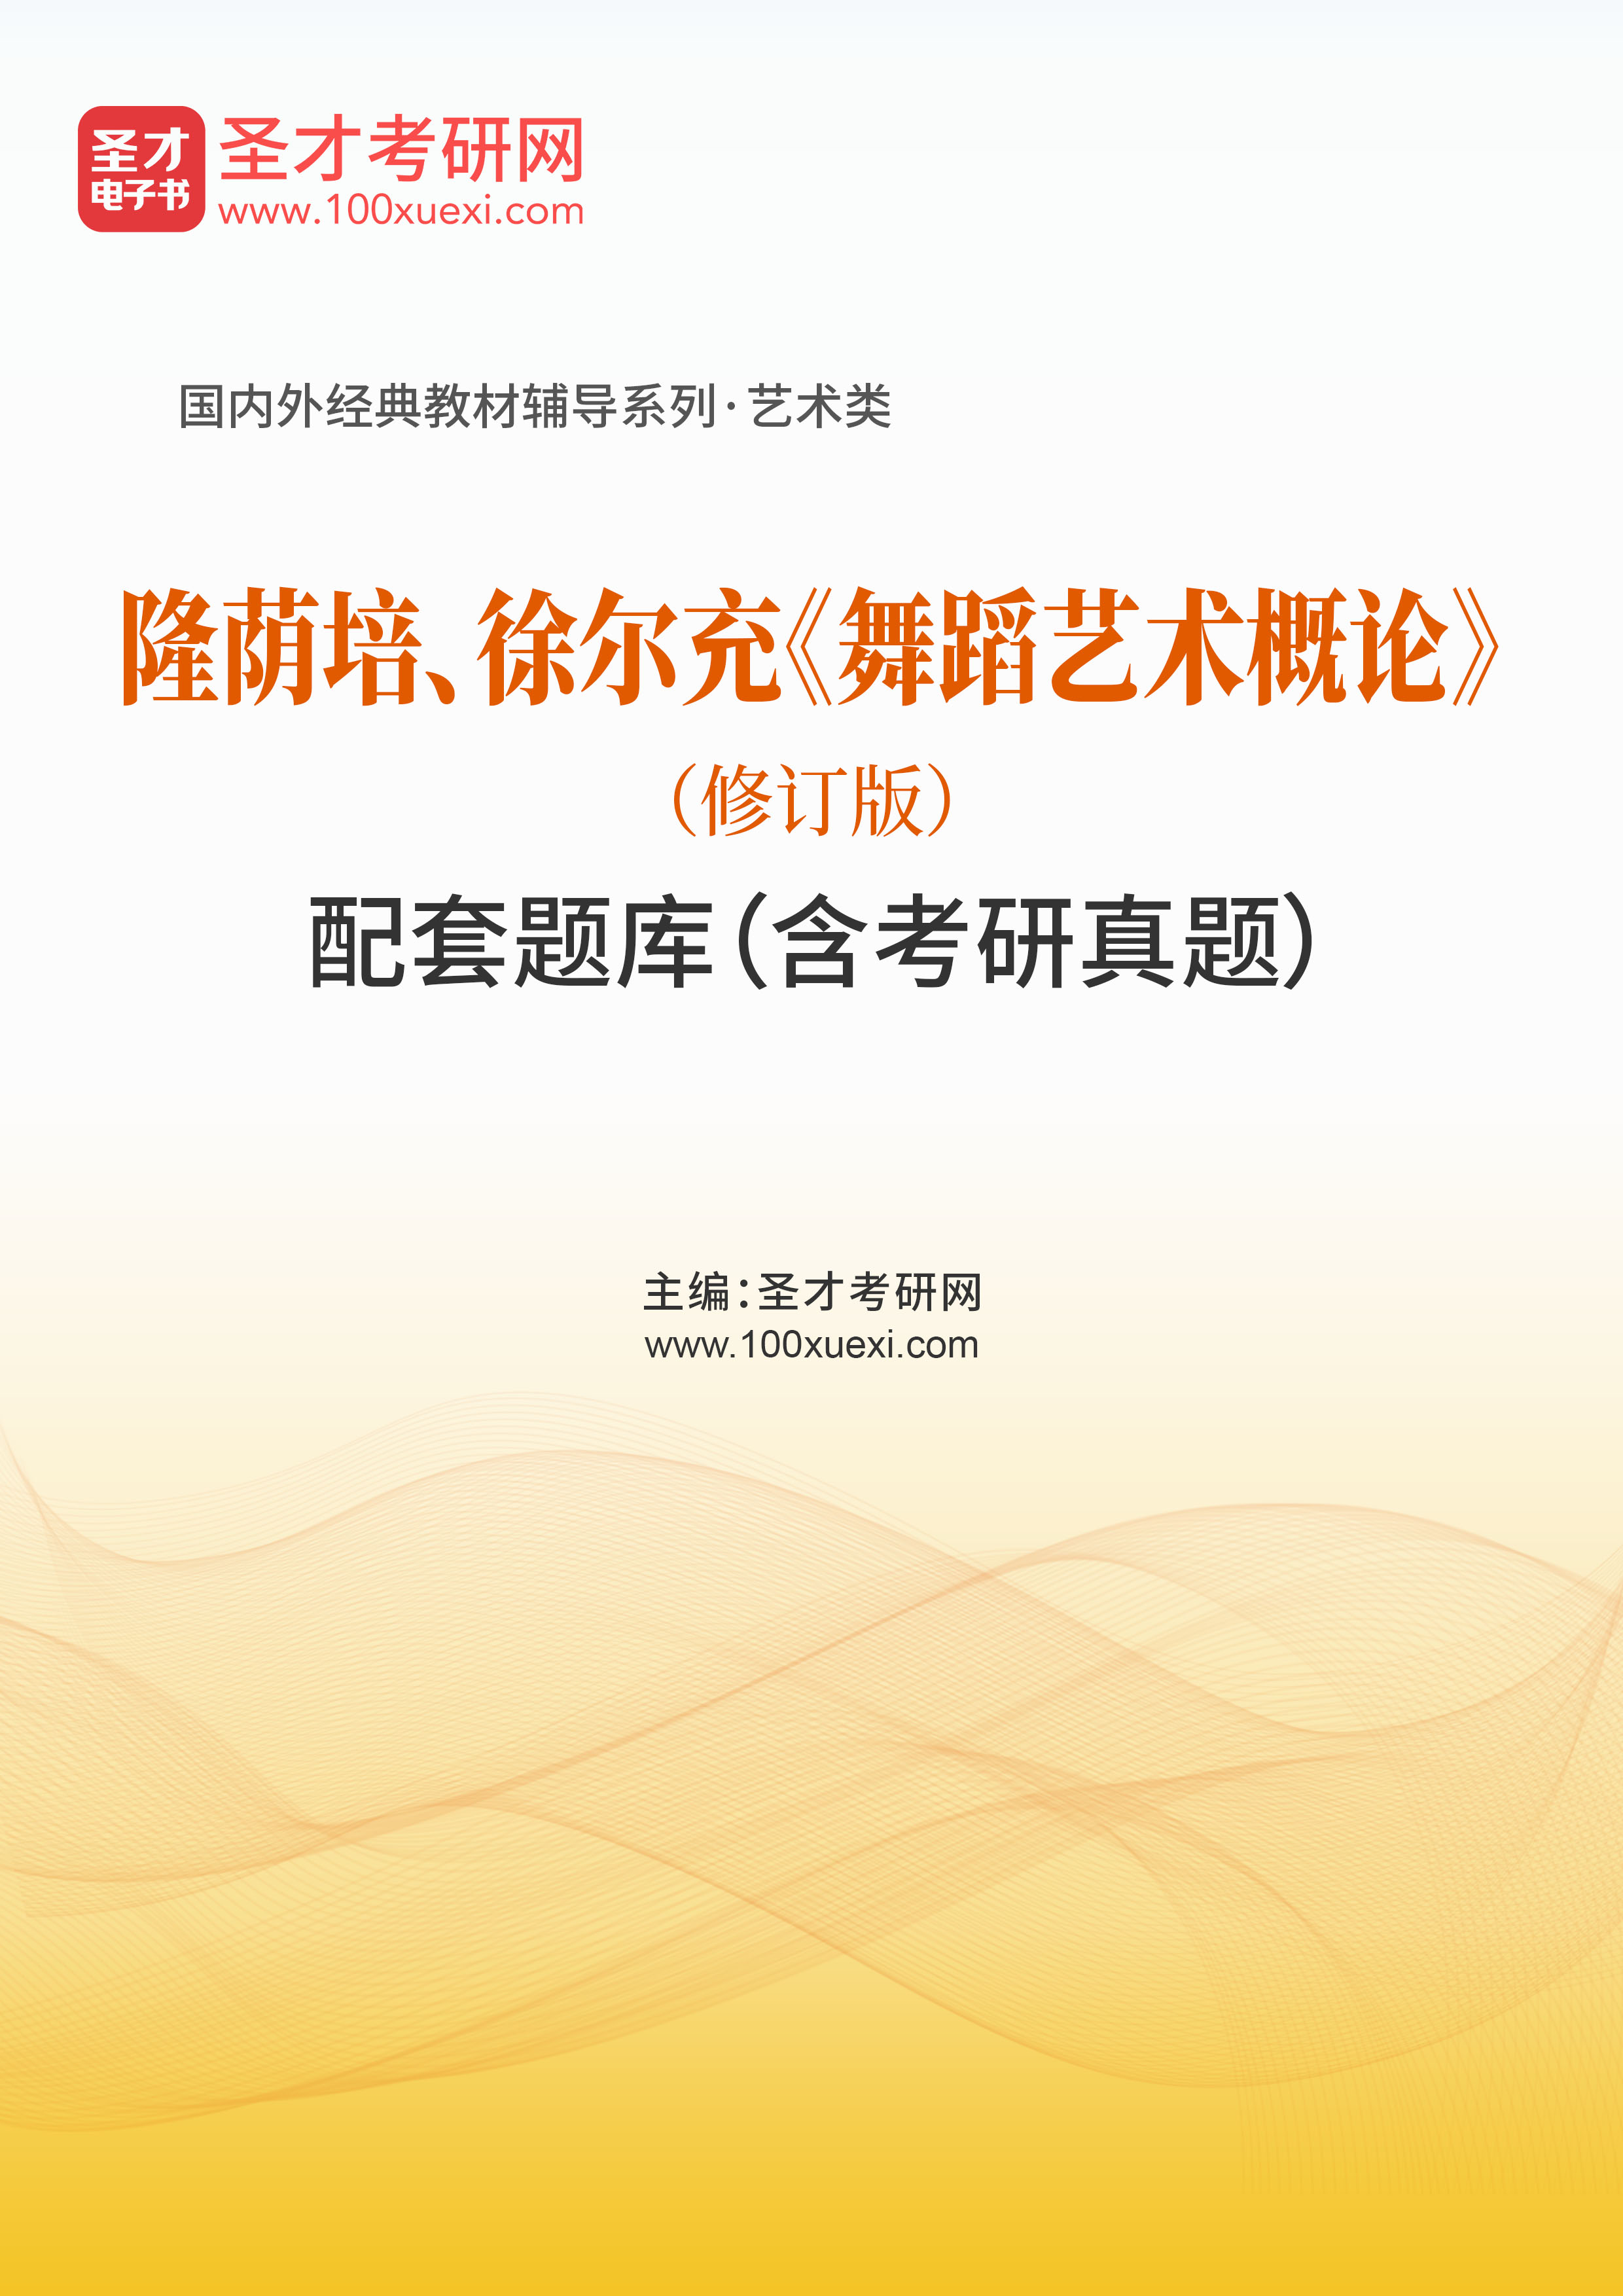 隆荫培、徐尔充《舞蹈艺术概论》(修订版)配套题库(含考研真题)